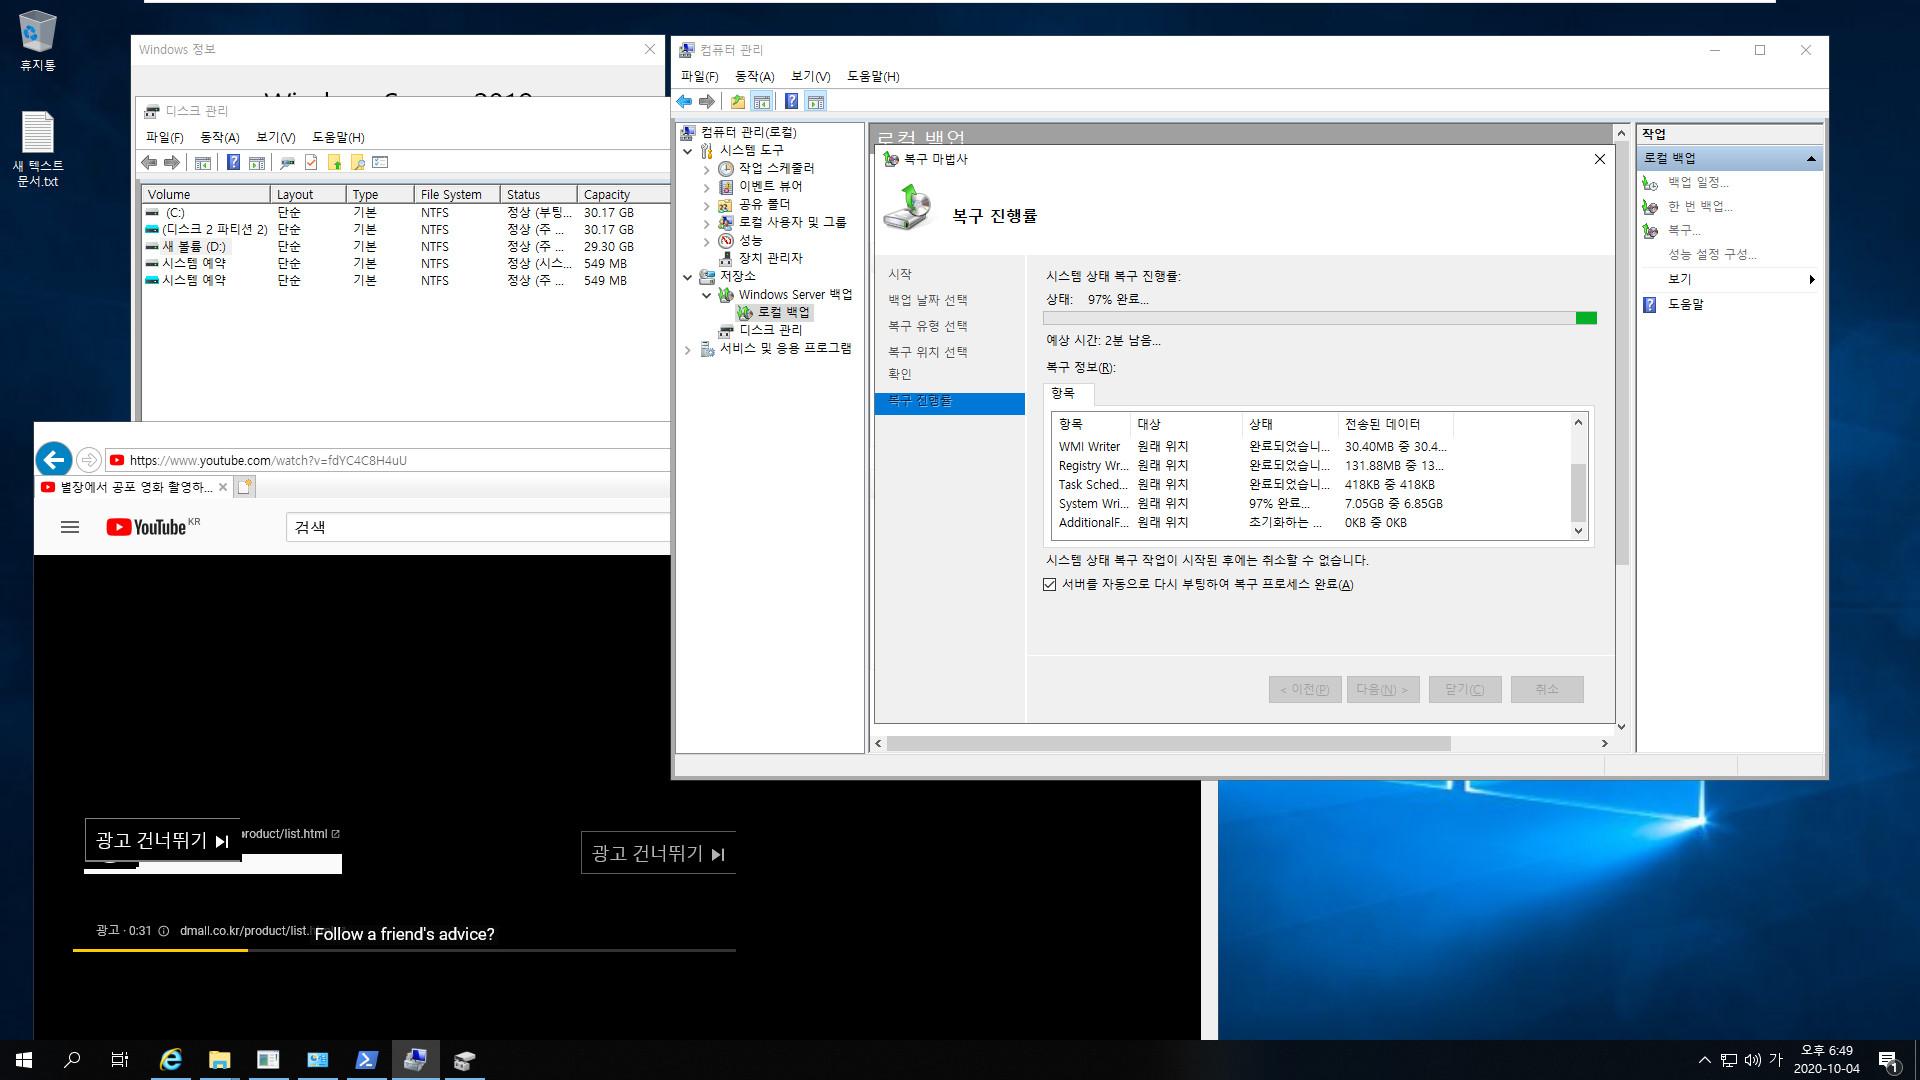 윈도우 서버군은 윈도우 사용중에도 자체 WBadmin 명령으로 윈도우 복구를 합니다 - Windows Server 2019로 복구 테스트 2020-10-04_184920.jpg